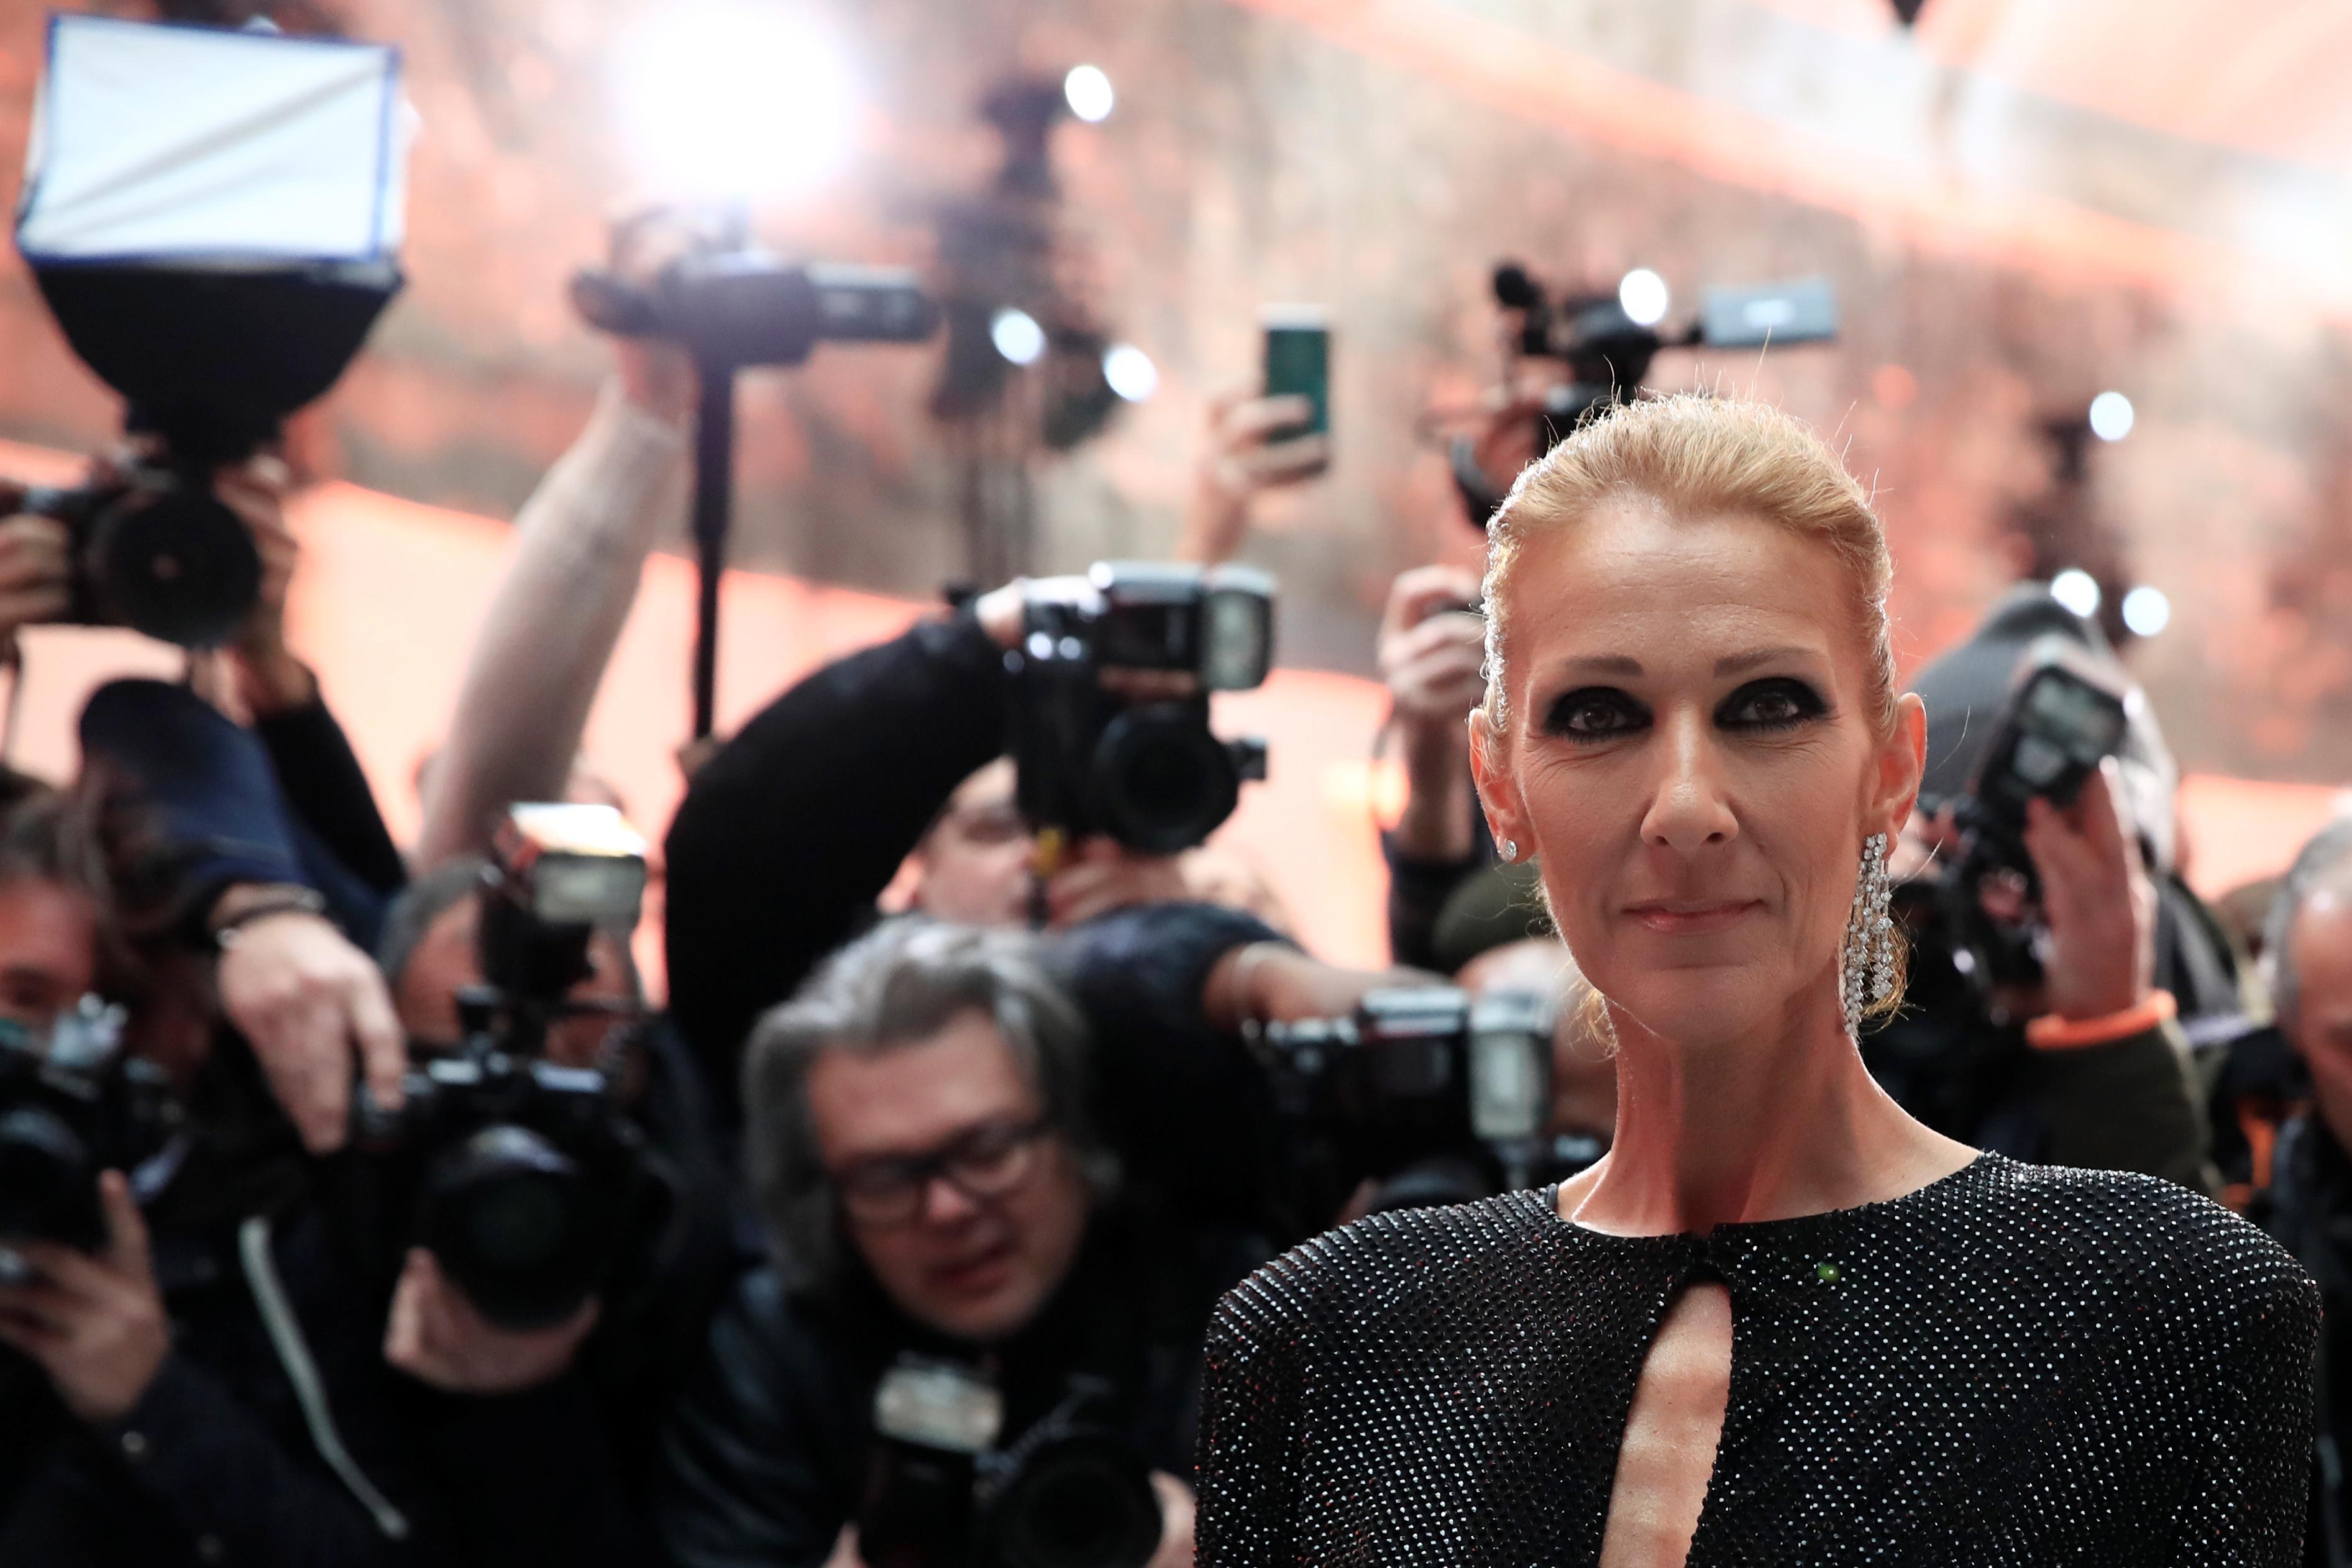 Celine Dion announces 'Courage' world tour and new album - Reuters